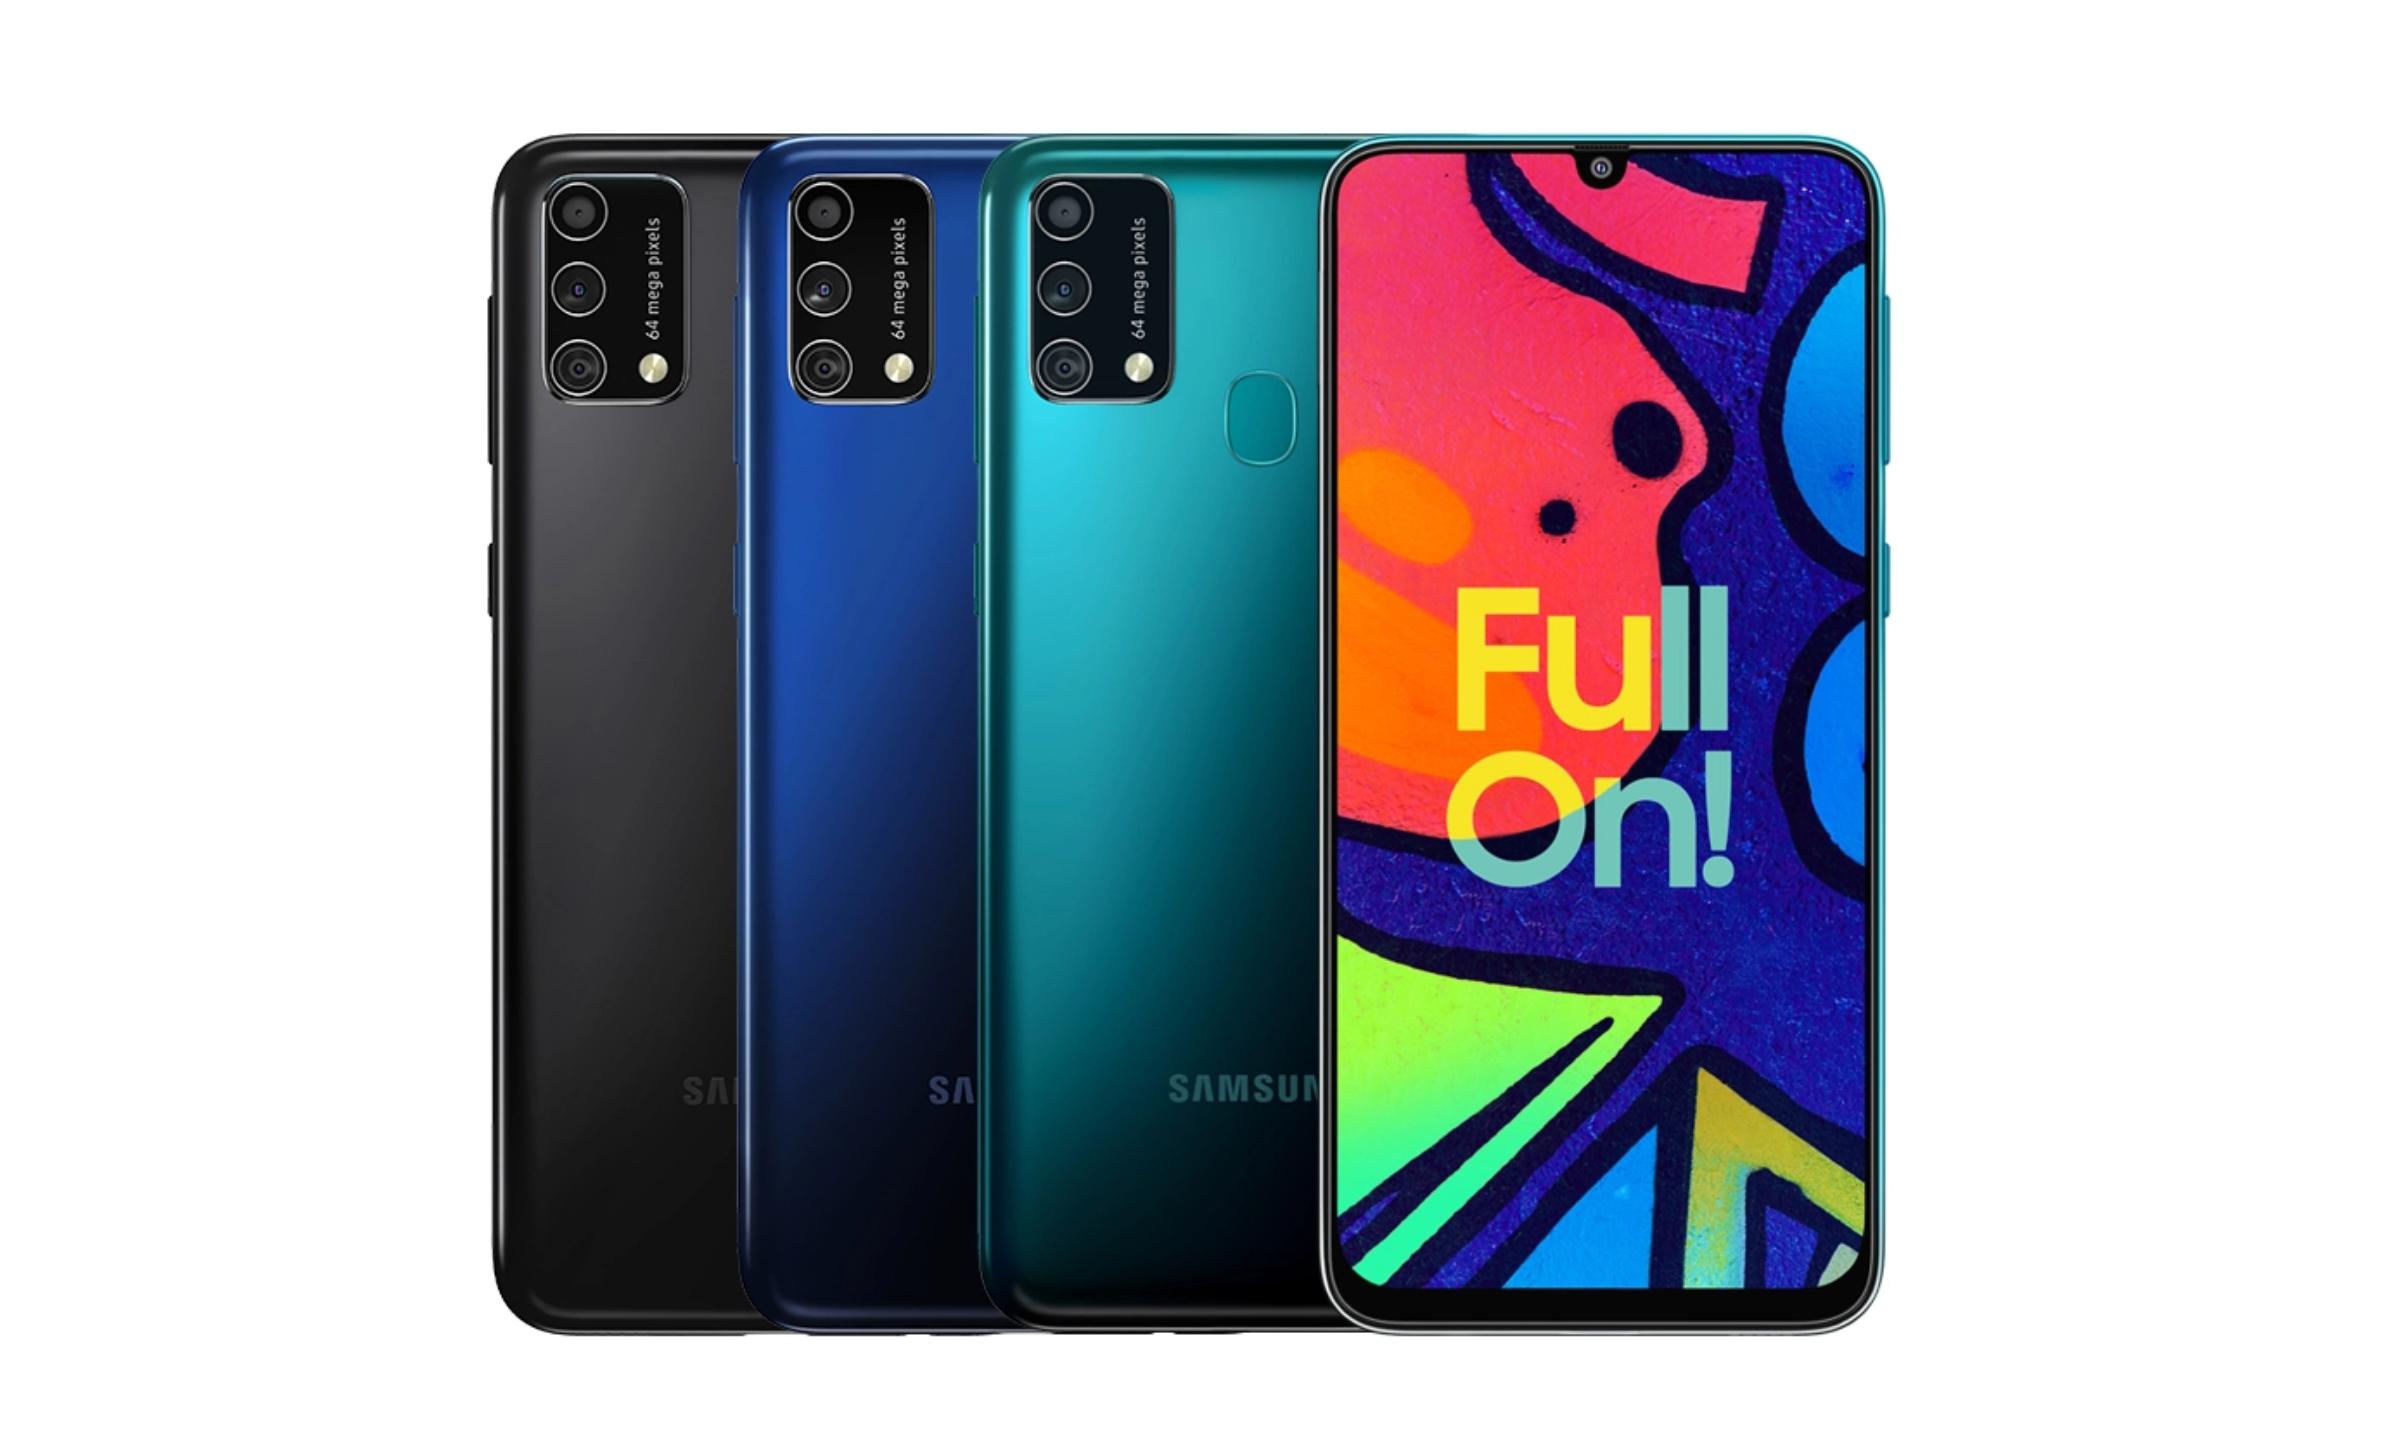 Samsung Galaxy F41: бюджетный смартфон новой серии с чипом Exynos 9611 и батареей на 6000 мАч